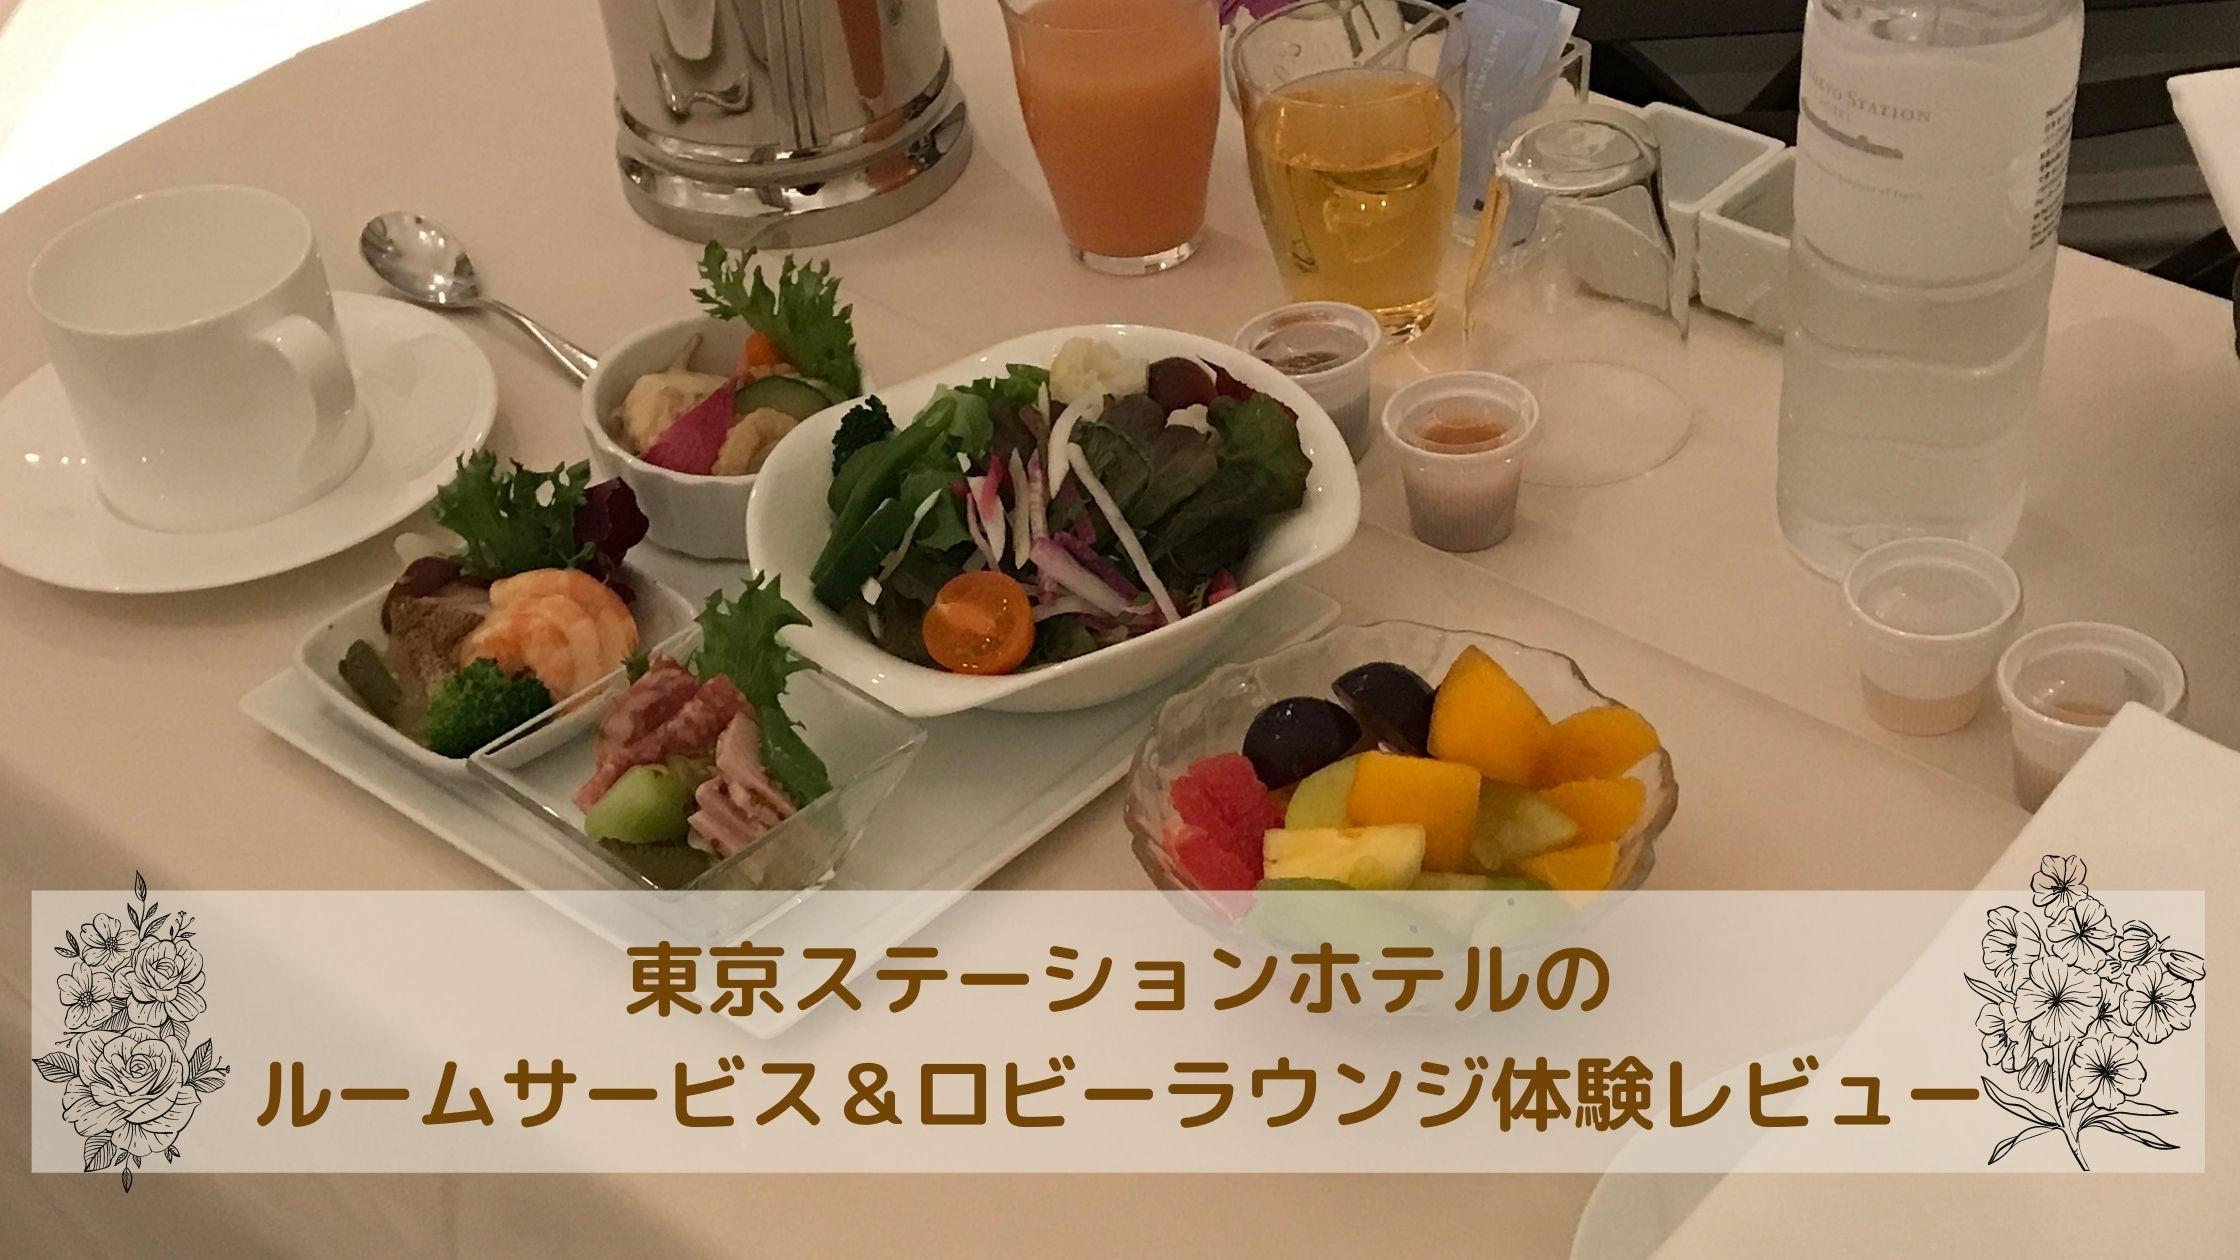 東京ステーションホテル ラウンジ ルームサービス ブログ